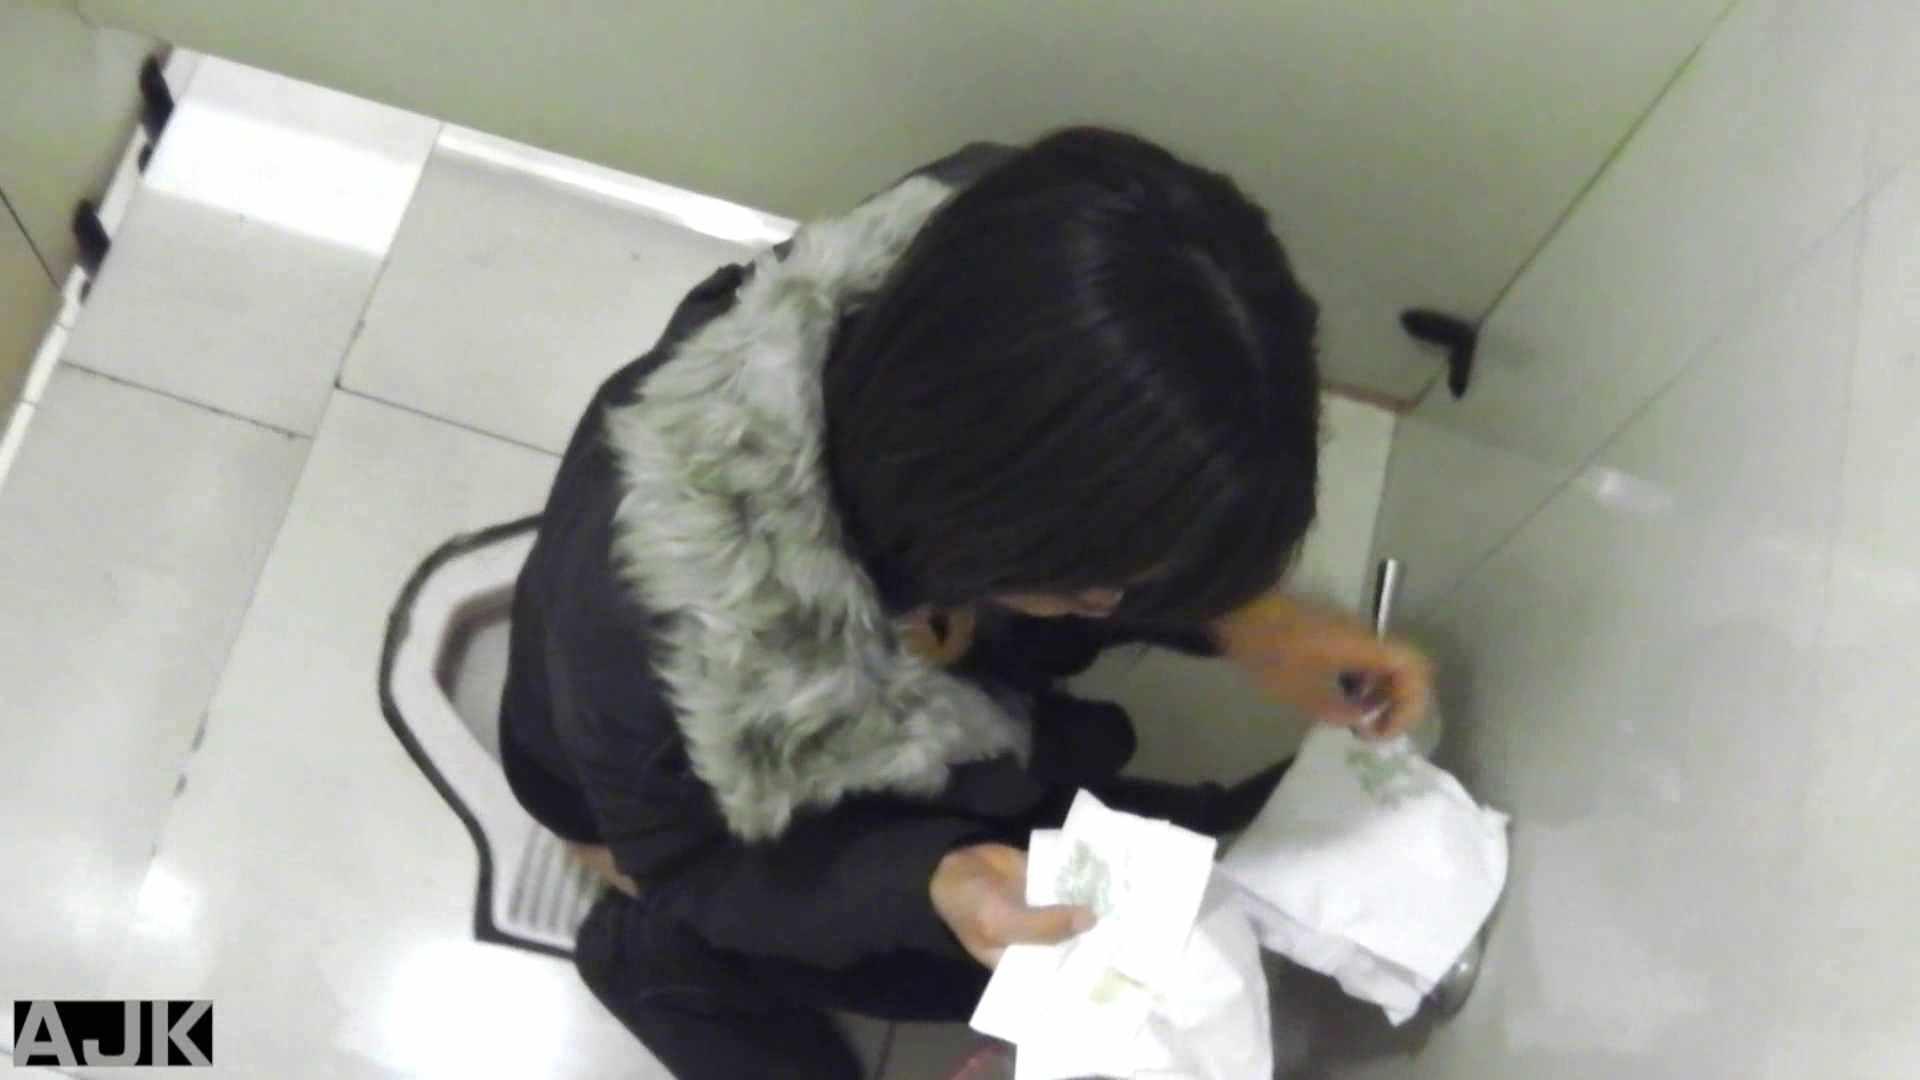 隣国上階級エリアの令嬢たちが集うデパートお手洗い Vol.03 OL  87pic 13